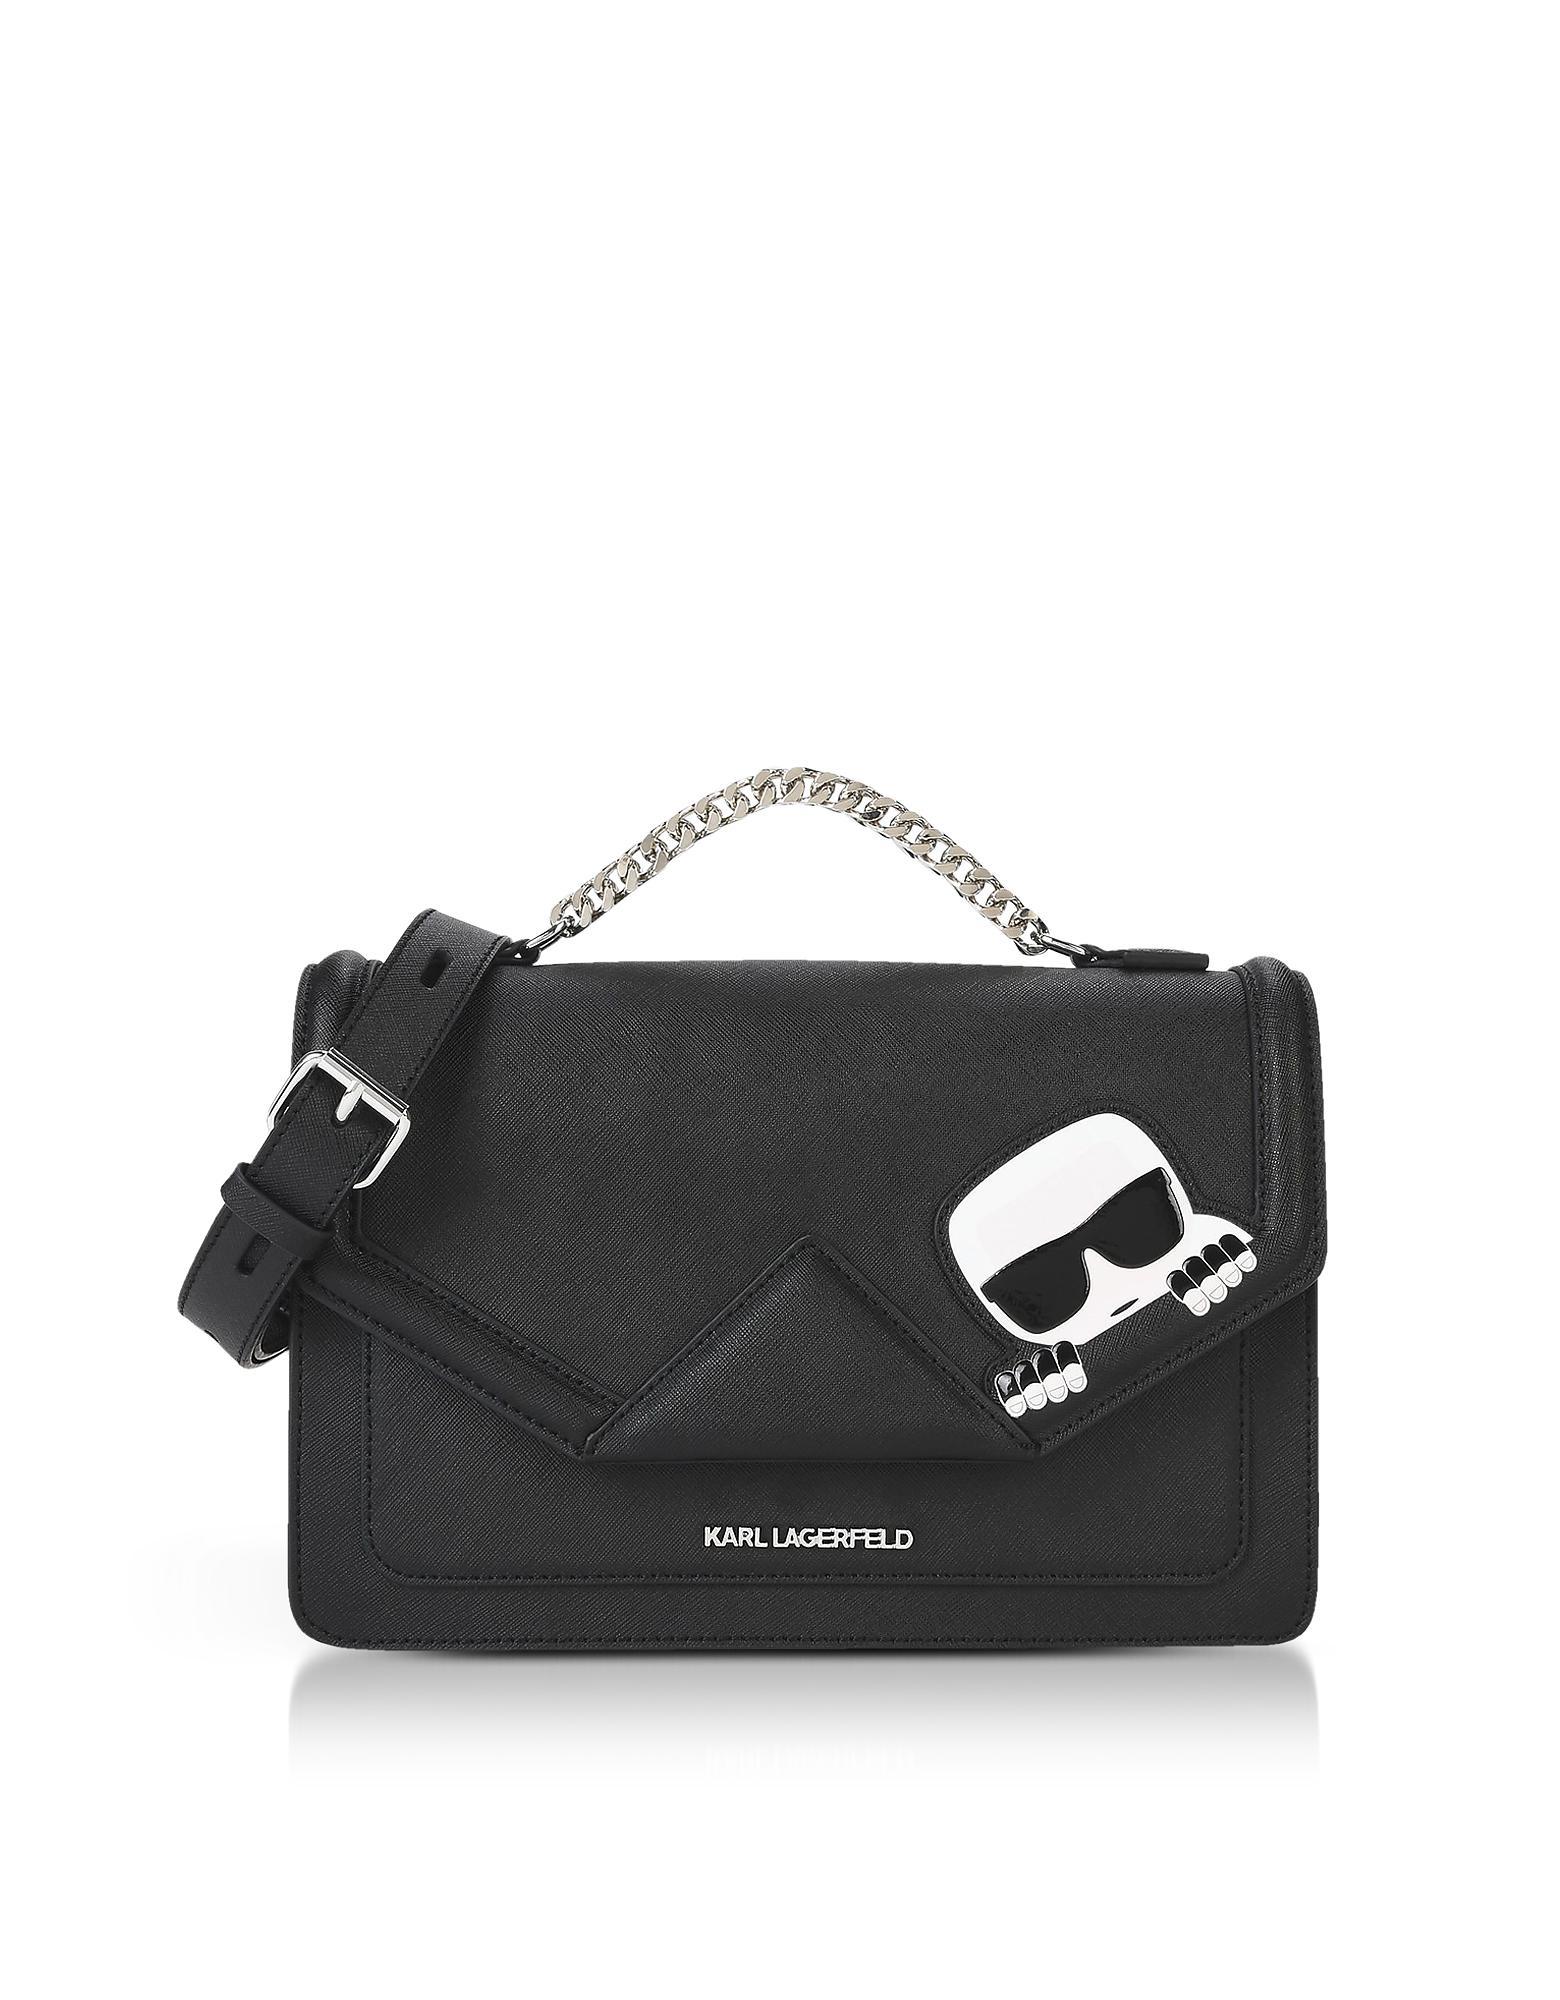 Karl Lagerfeld K ikonik Leather Shoulder Bag in Black - Save ... e9b2d7e3e2e9c